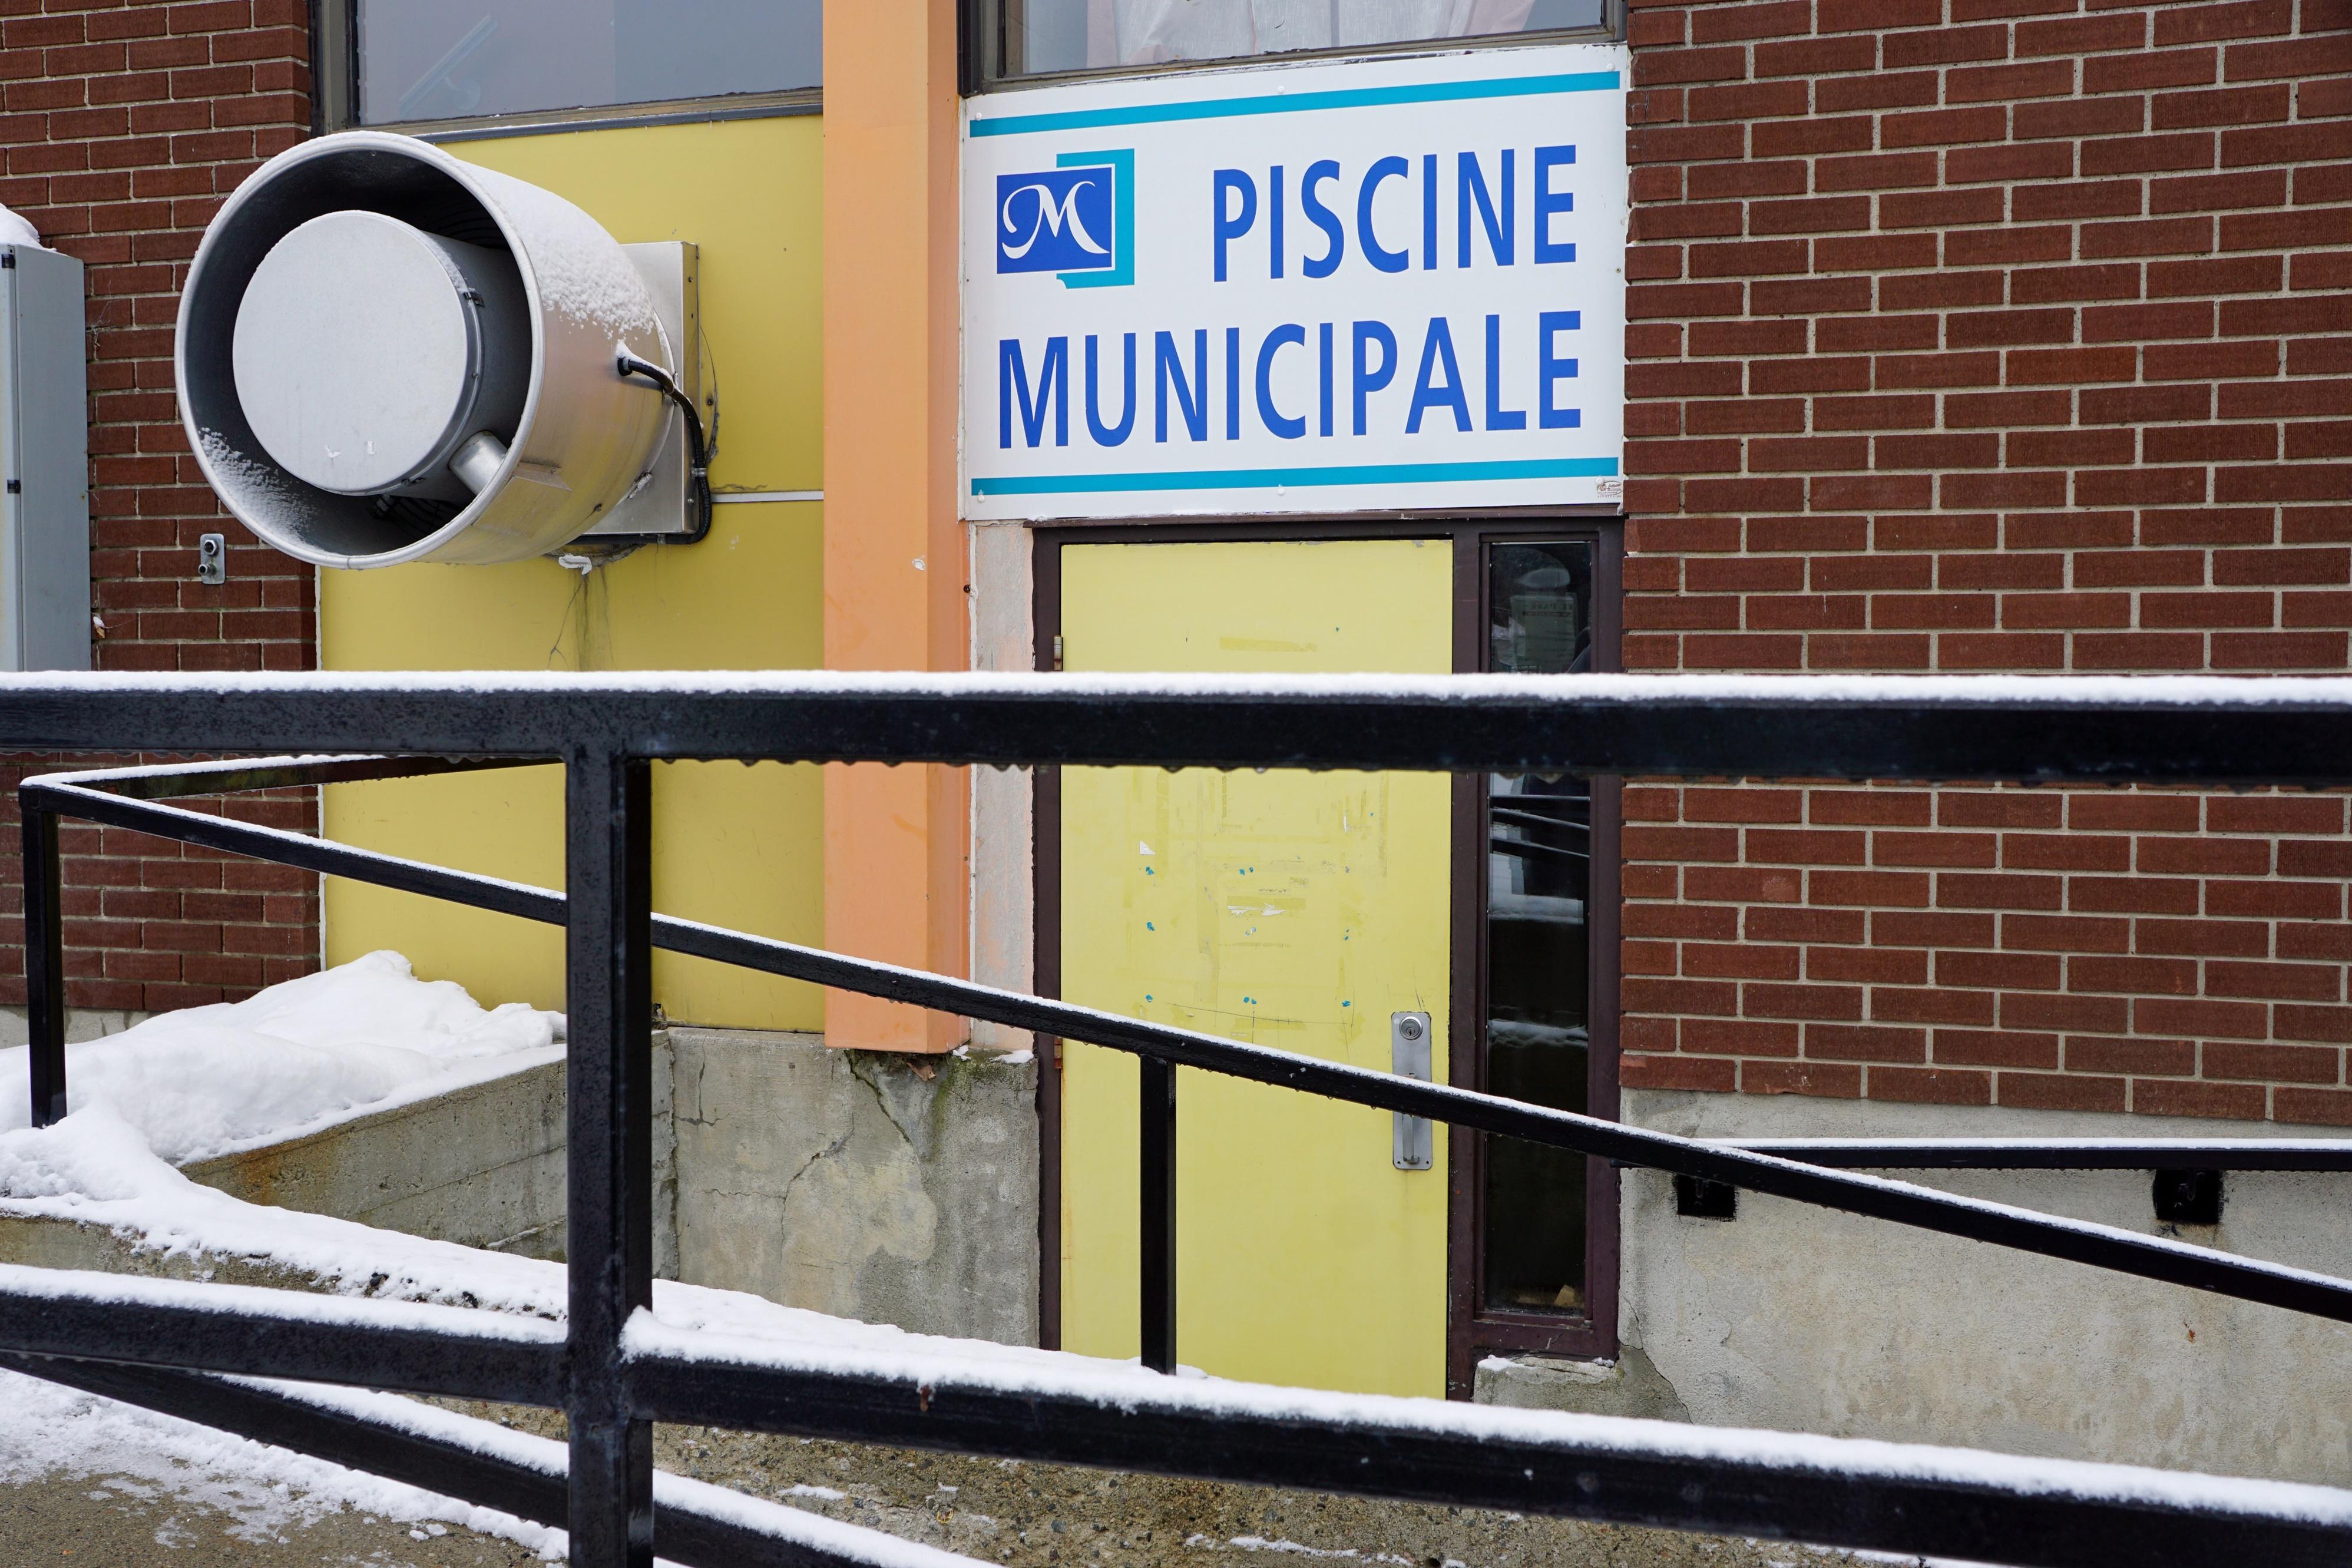 Piscine Ville-Marie